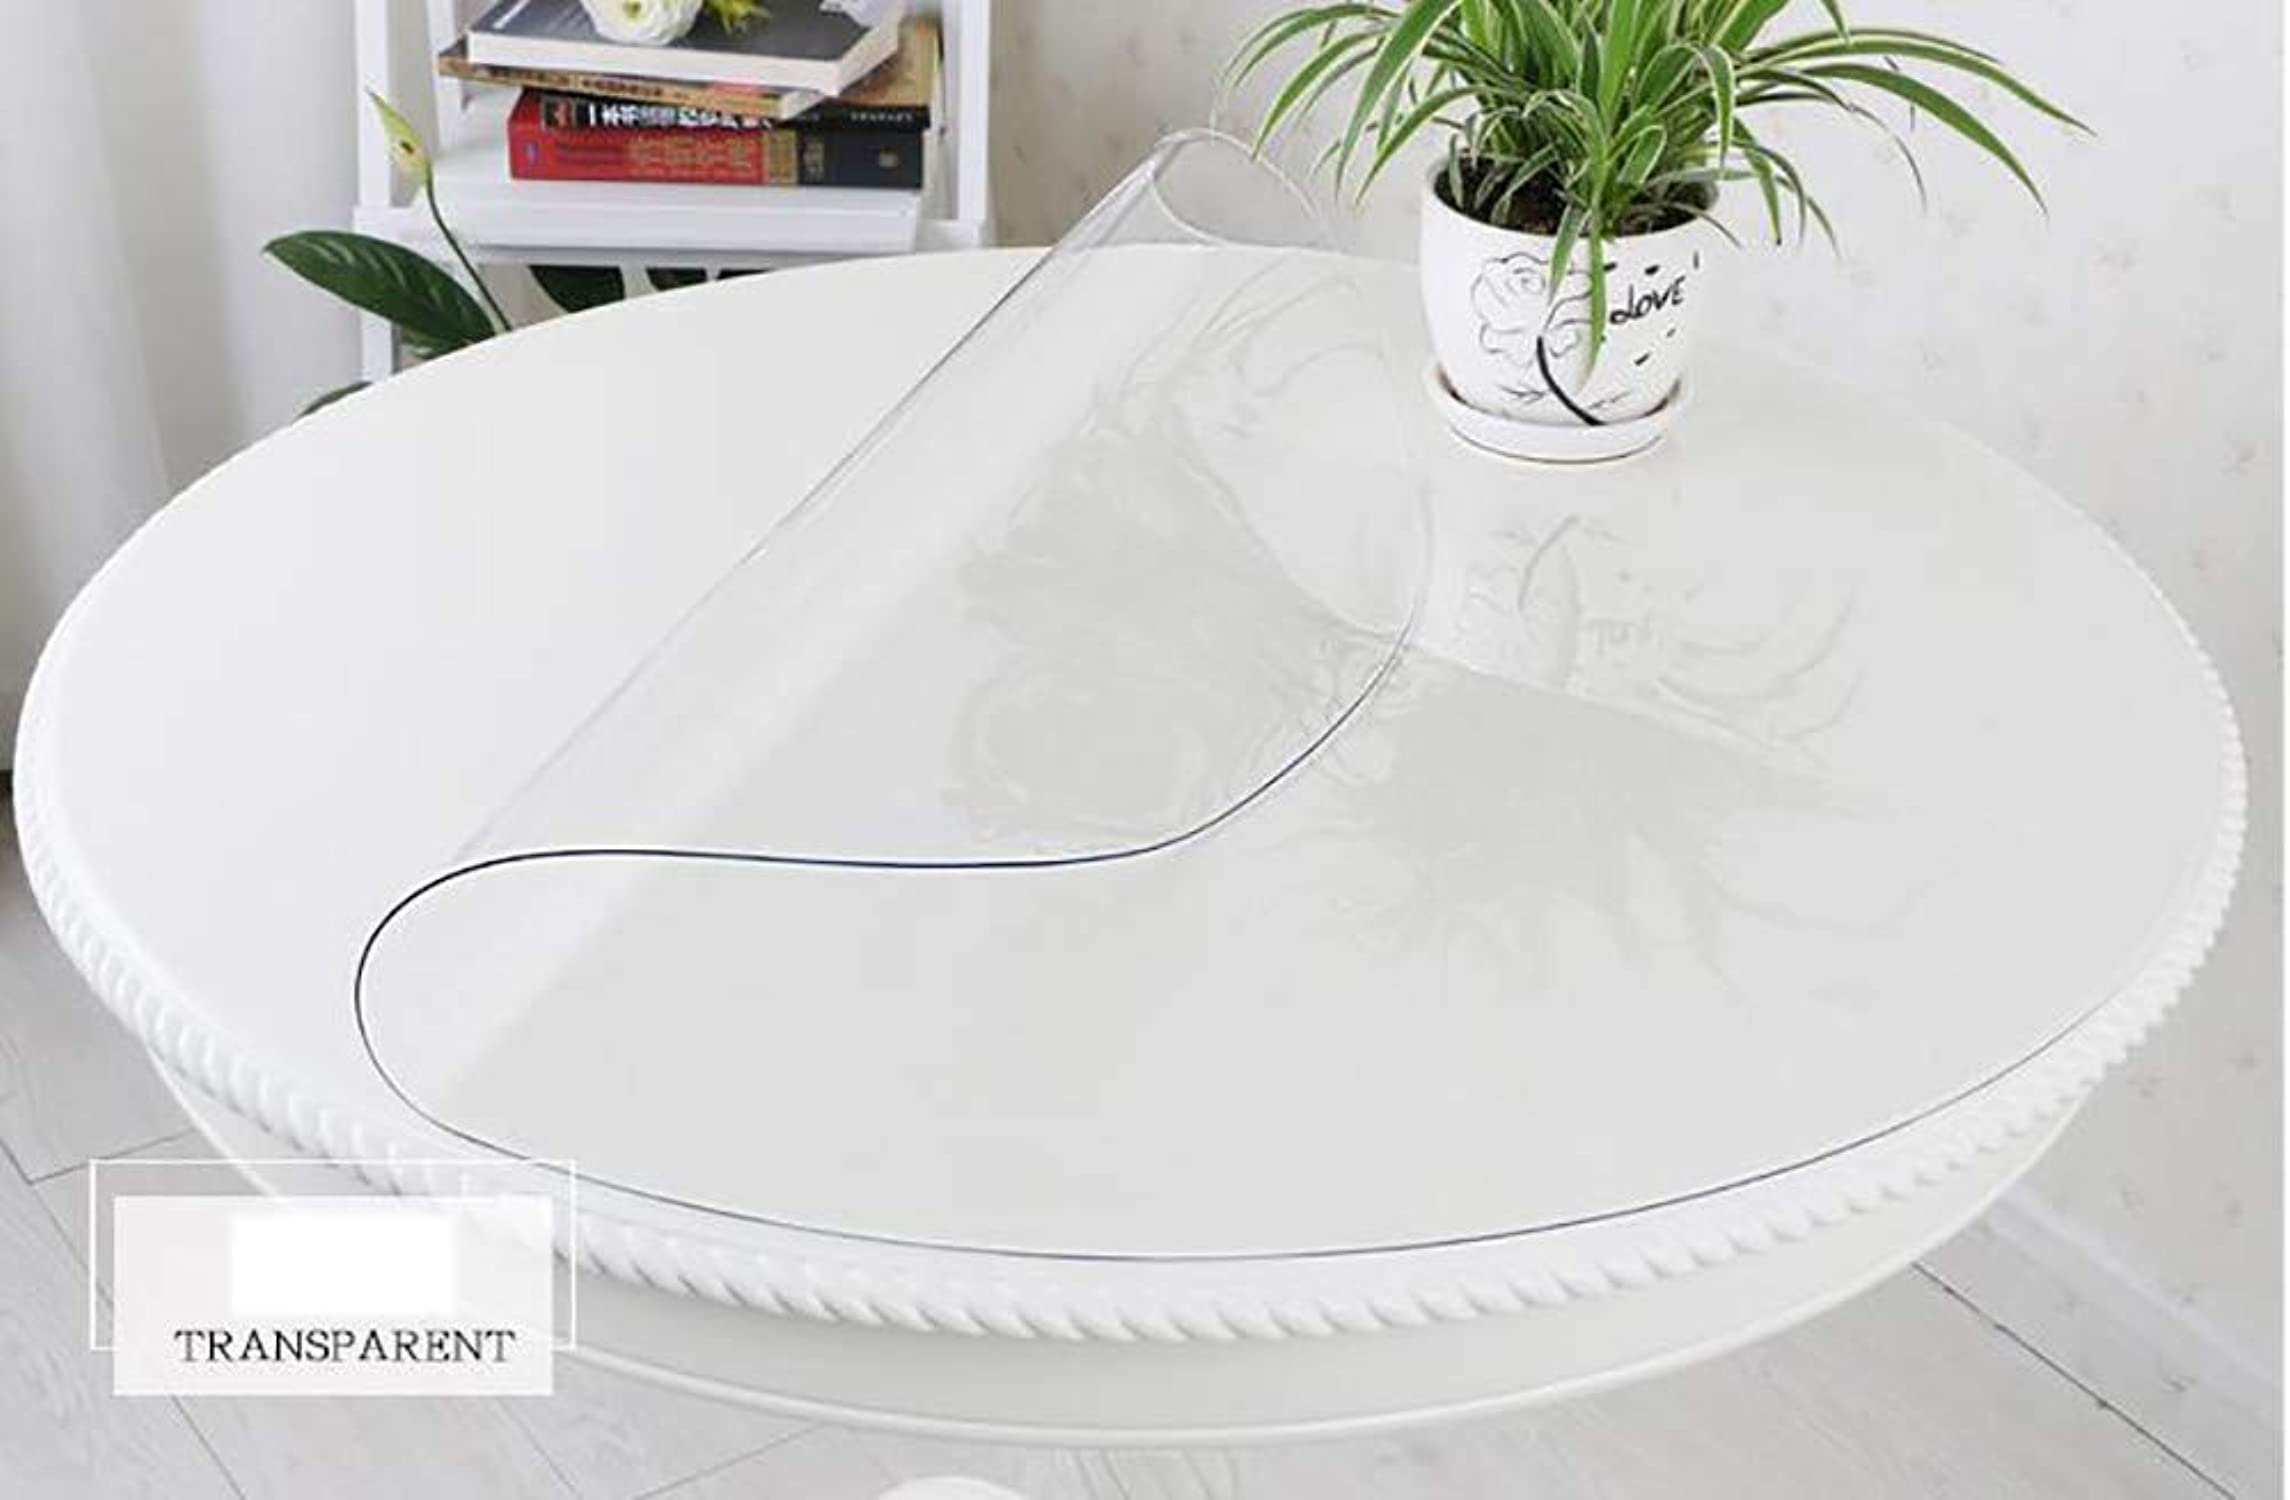 Descuento del 70% barato Table mat Estera de Tabla Tabla Tabla Anti-escaldada Impermeable y a Prueba de Aceite rojoonda, Estera de Tabla Enrollable blancoa Transparente  punto de venta en línea